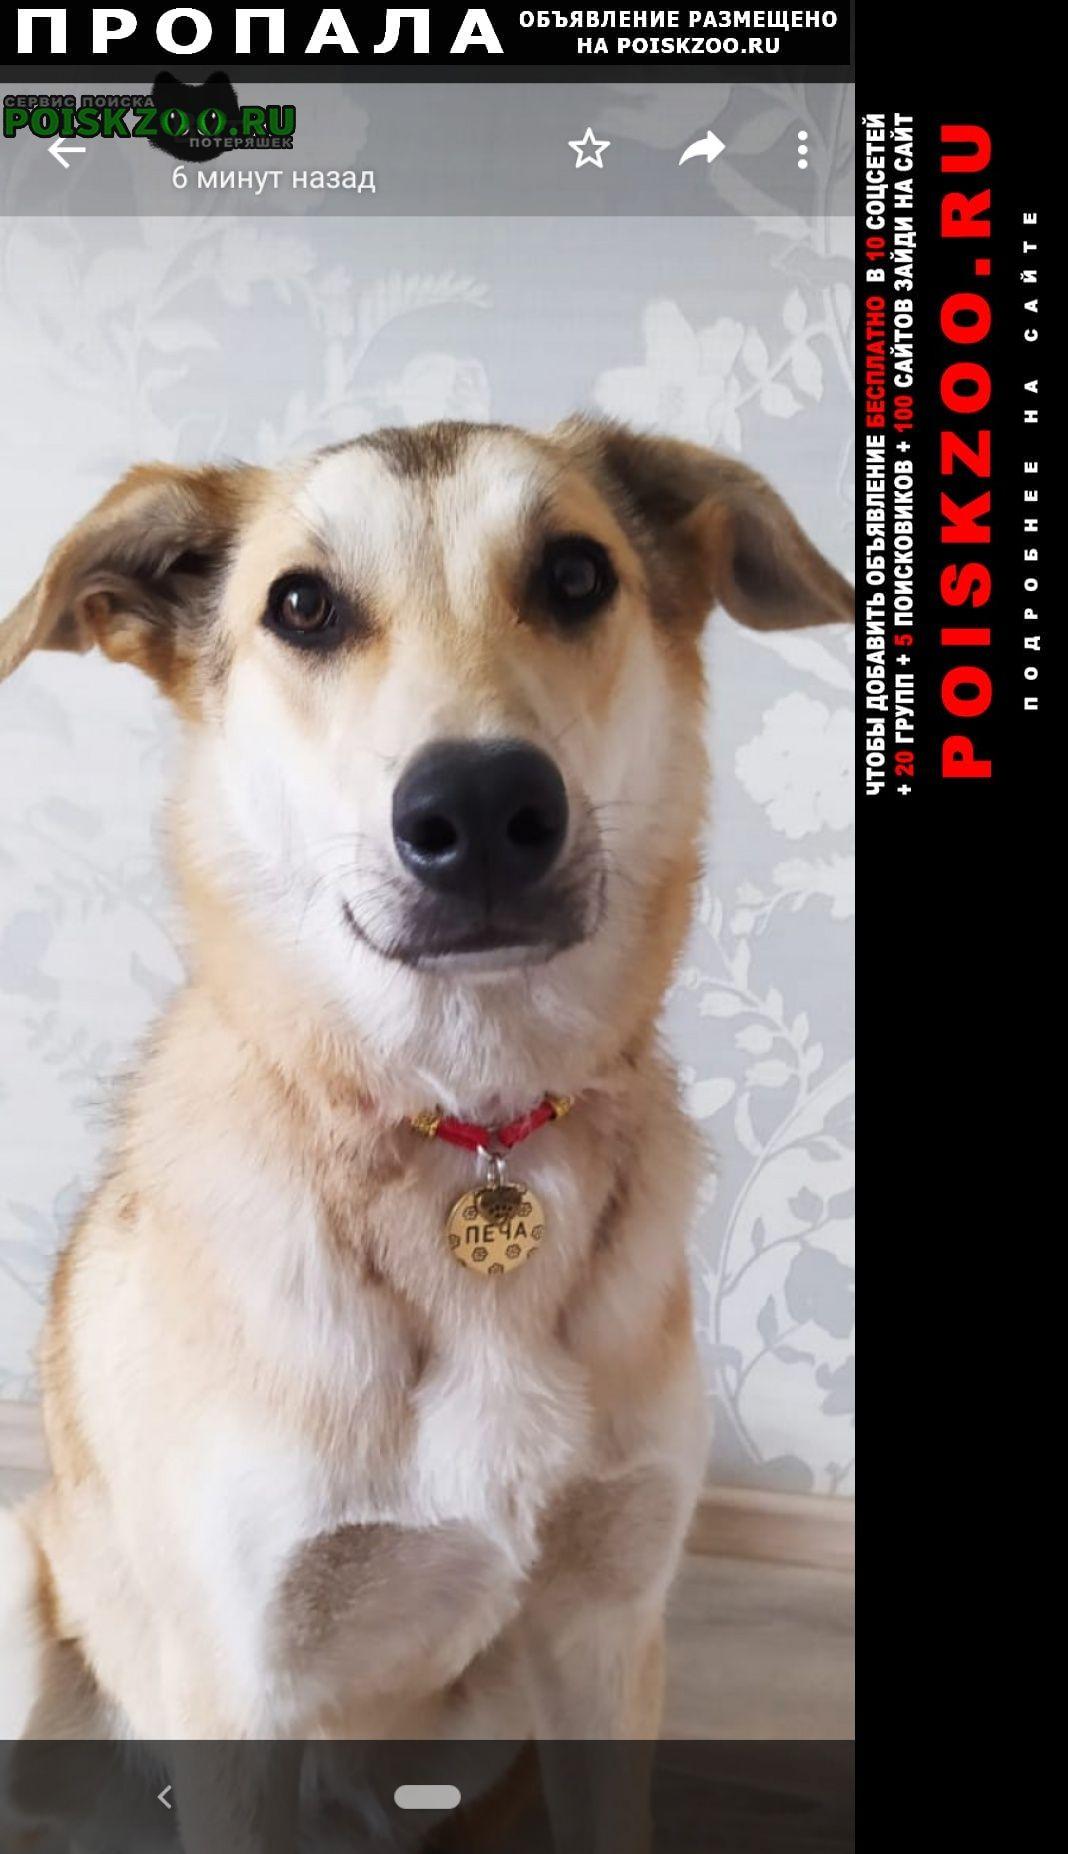 Пропала собака Первоуральск